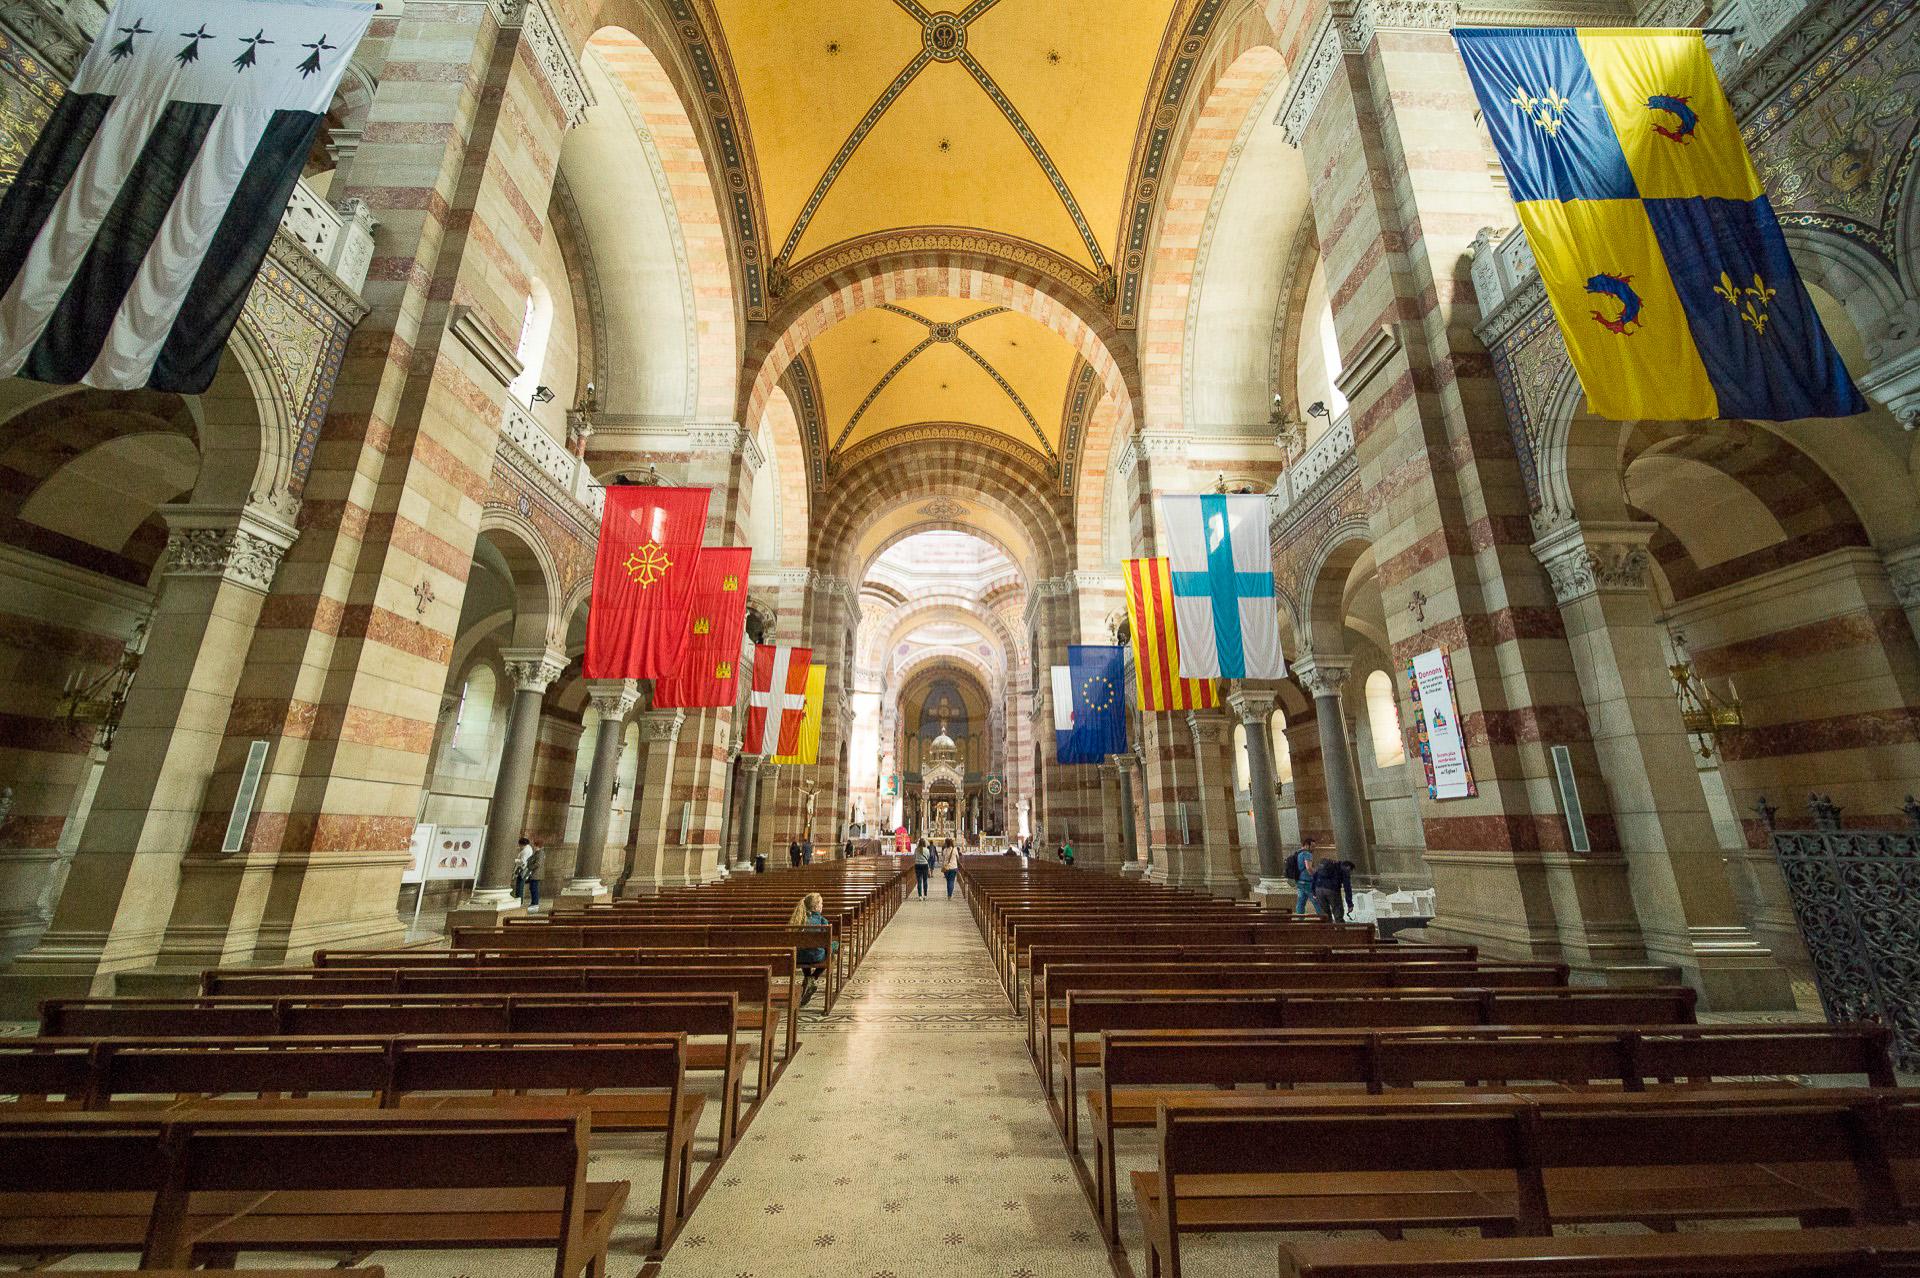 018-balade-vers-la-cathedrale-de-la-major-avril-2017-1920-px